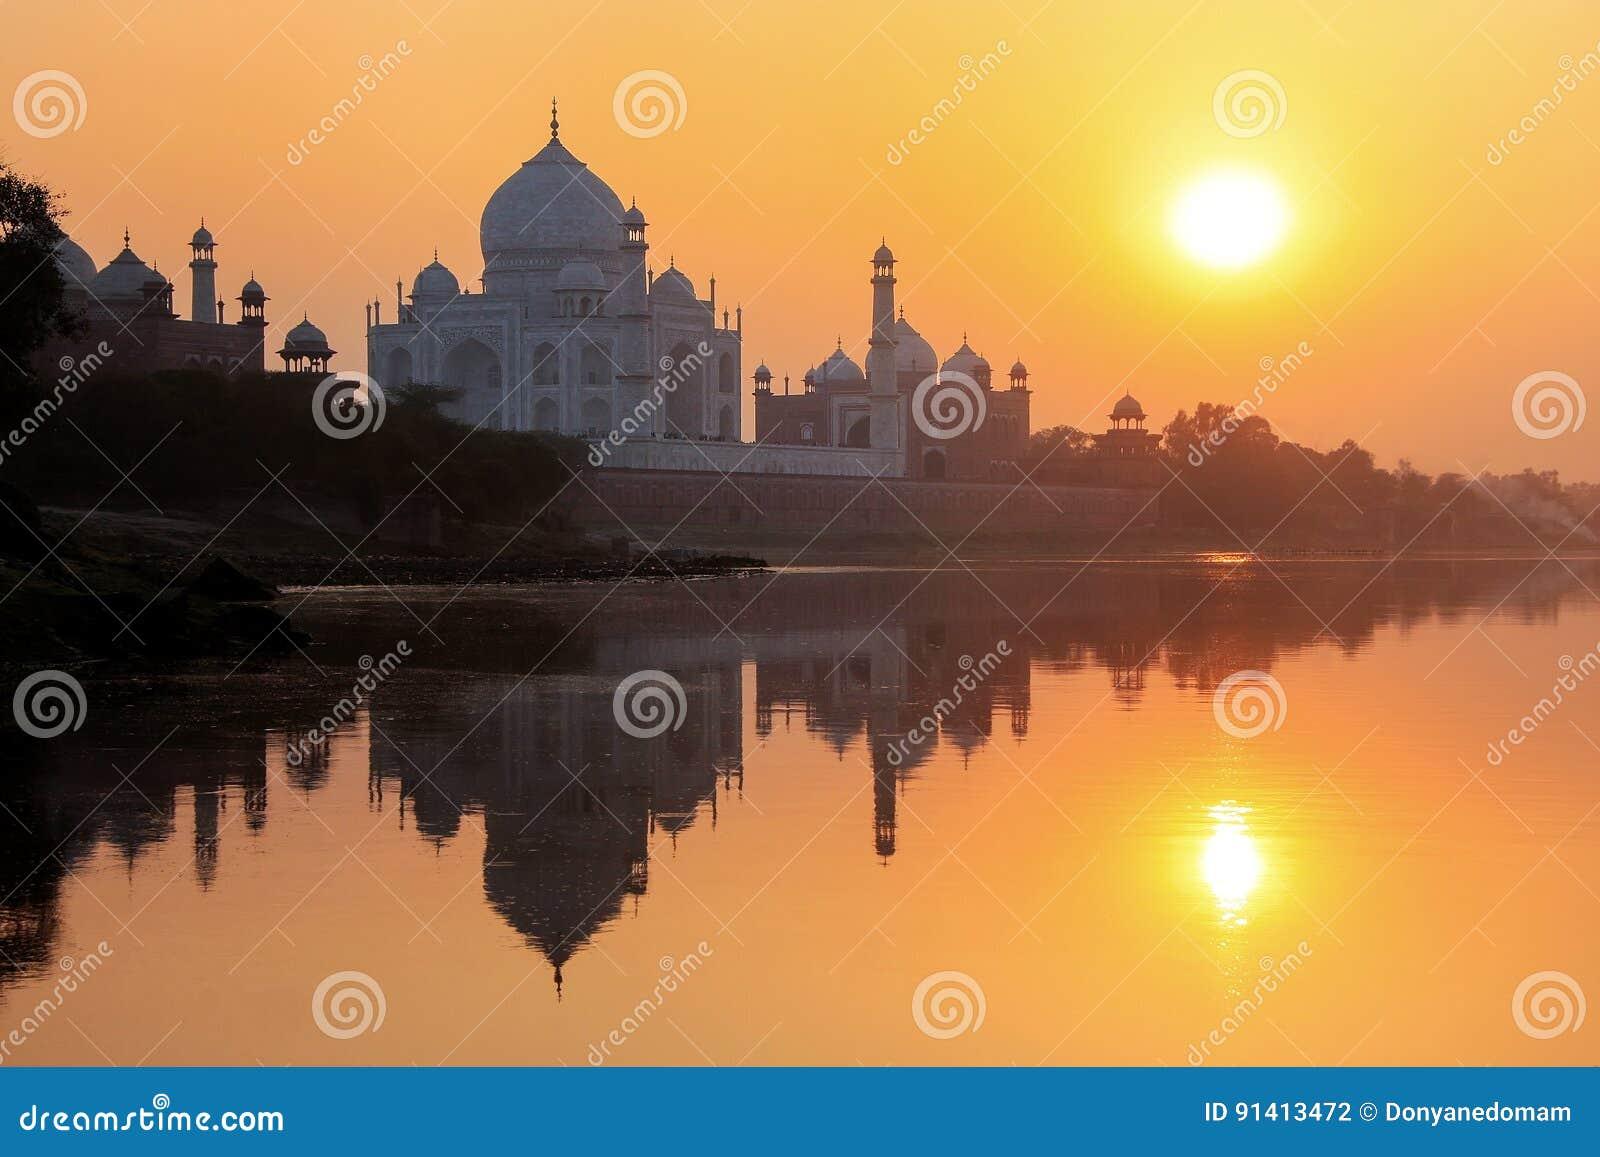 Taj Mahal s est reflété en rivière de Yamuna au coucher du soleil à Âgrâ, Inde